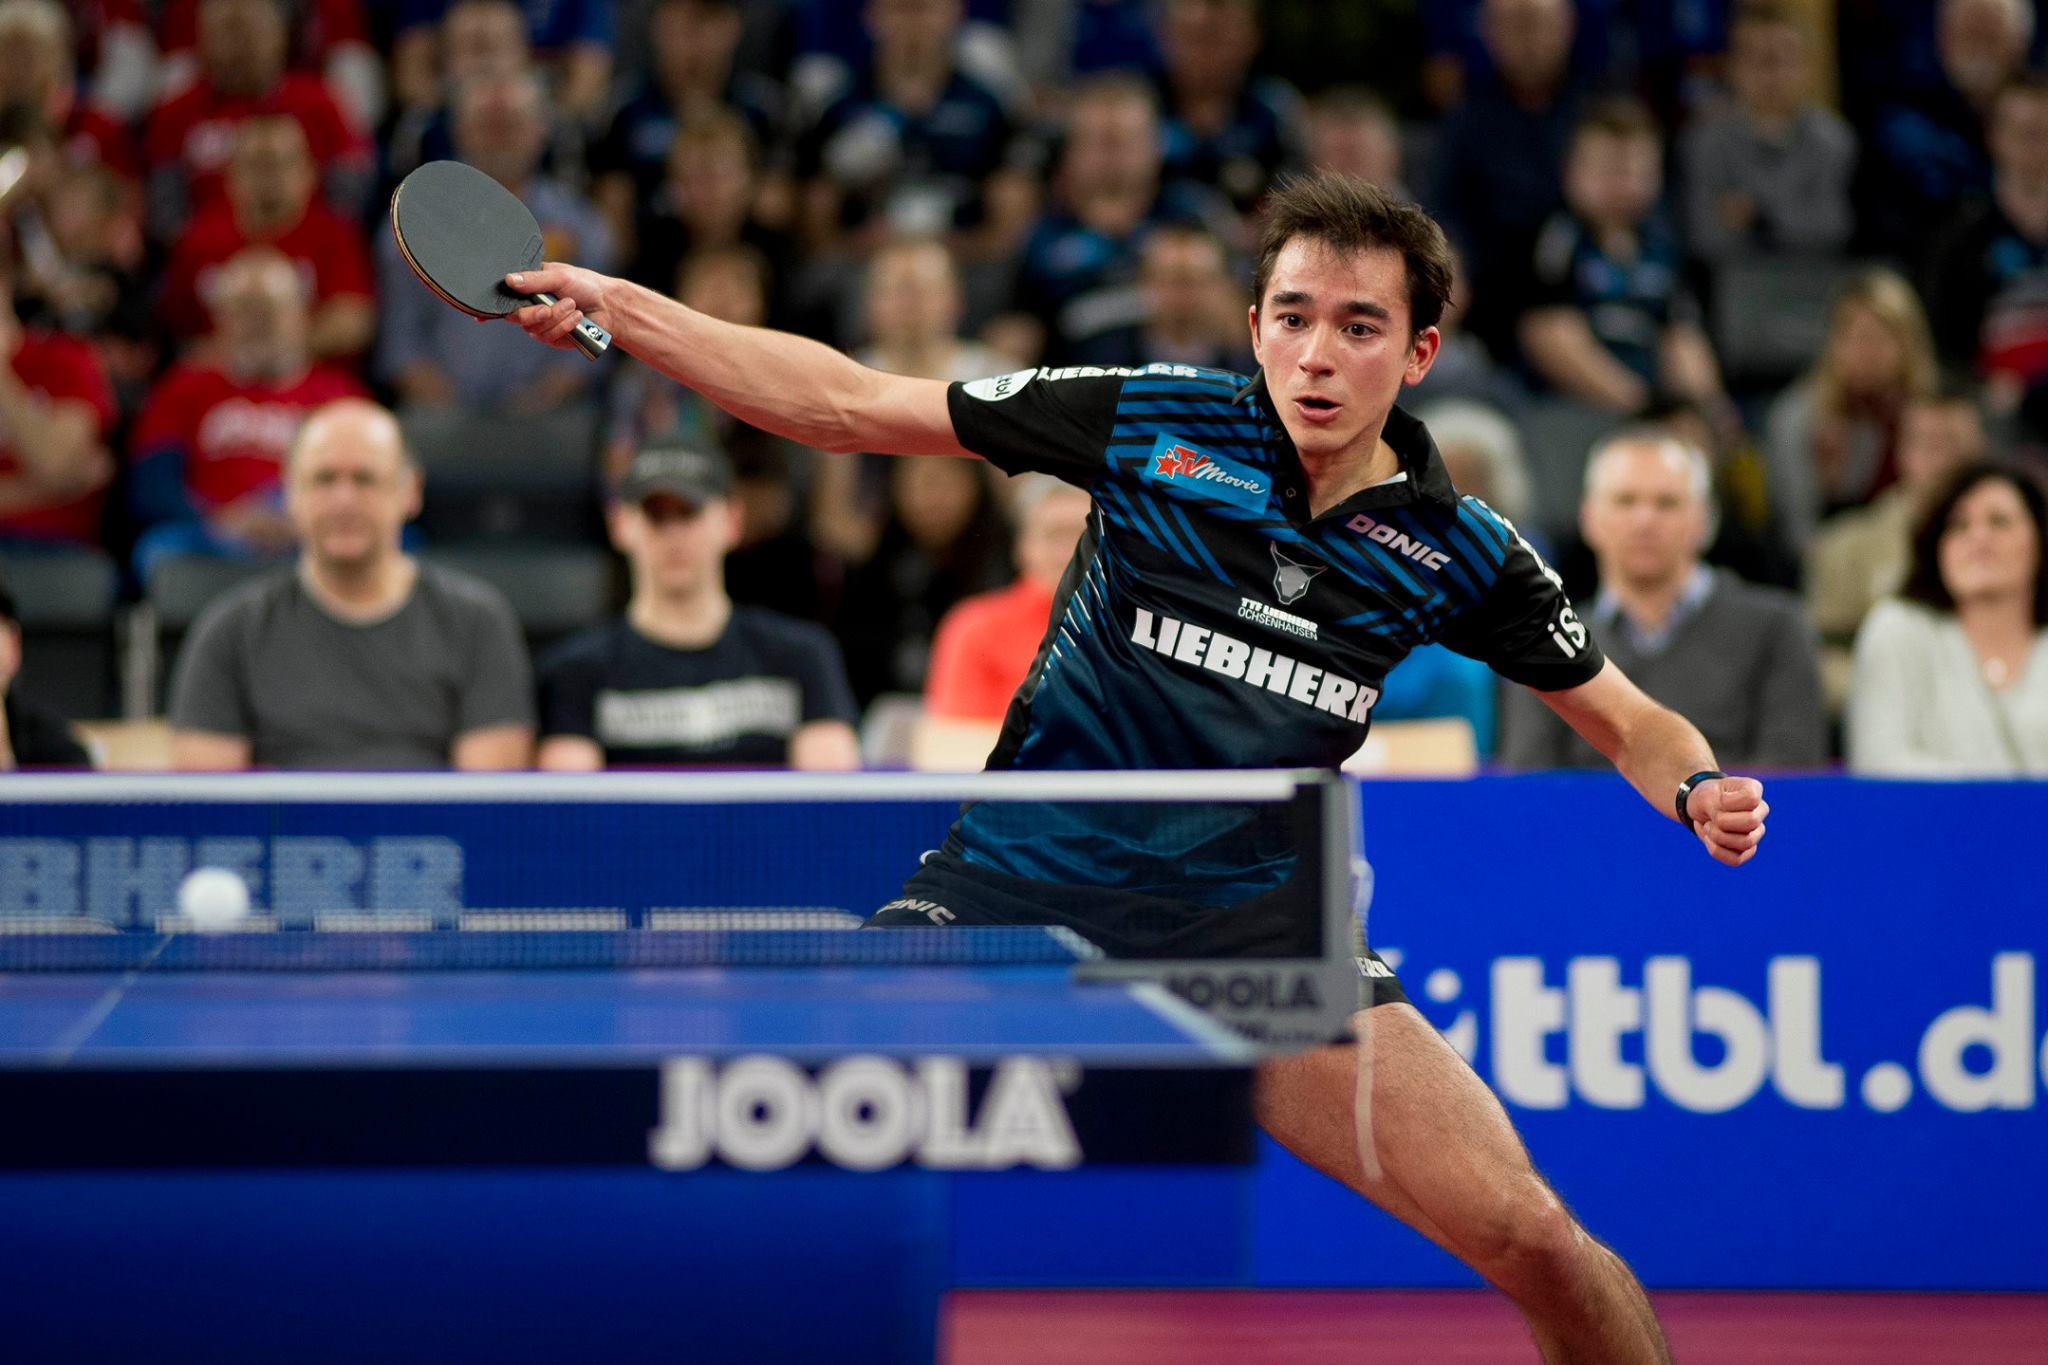 Hugo Calderano disputará sua segunda final na Bundesliga de tênis de mesa (Crédito: Divulgação/Liebherr Ochsenhausen)